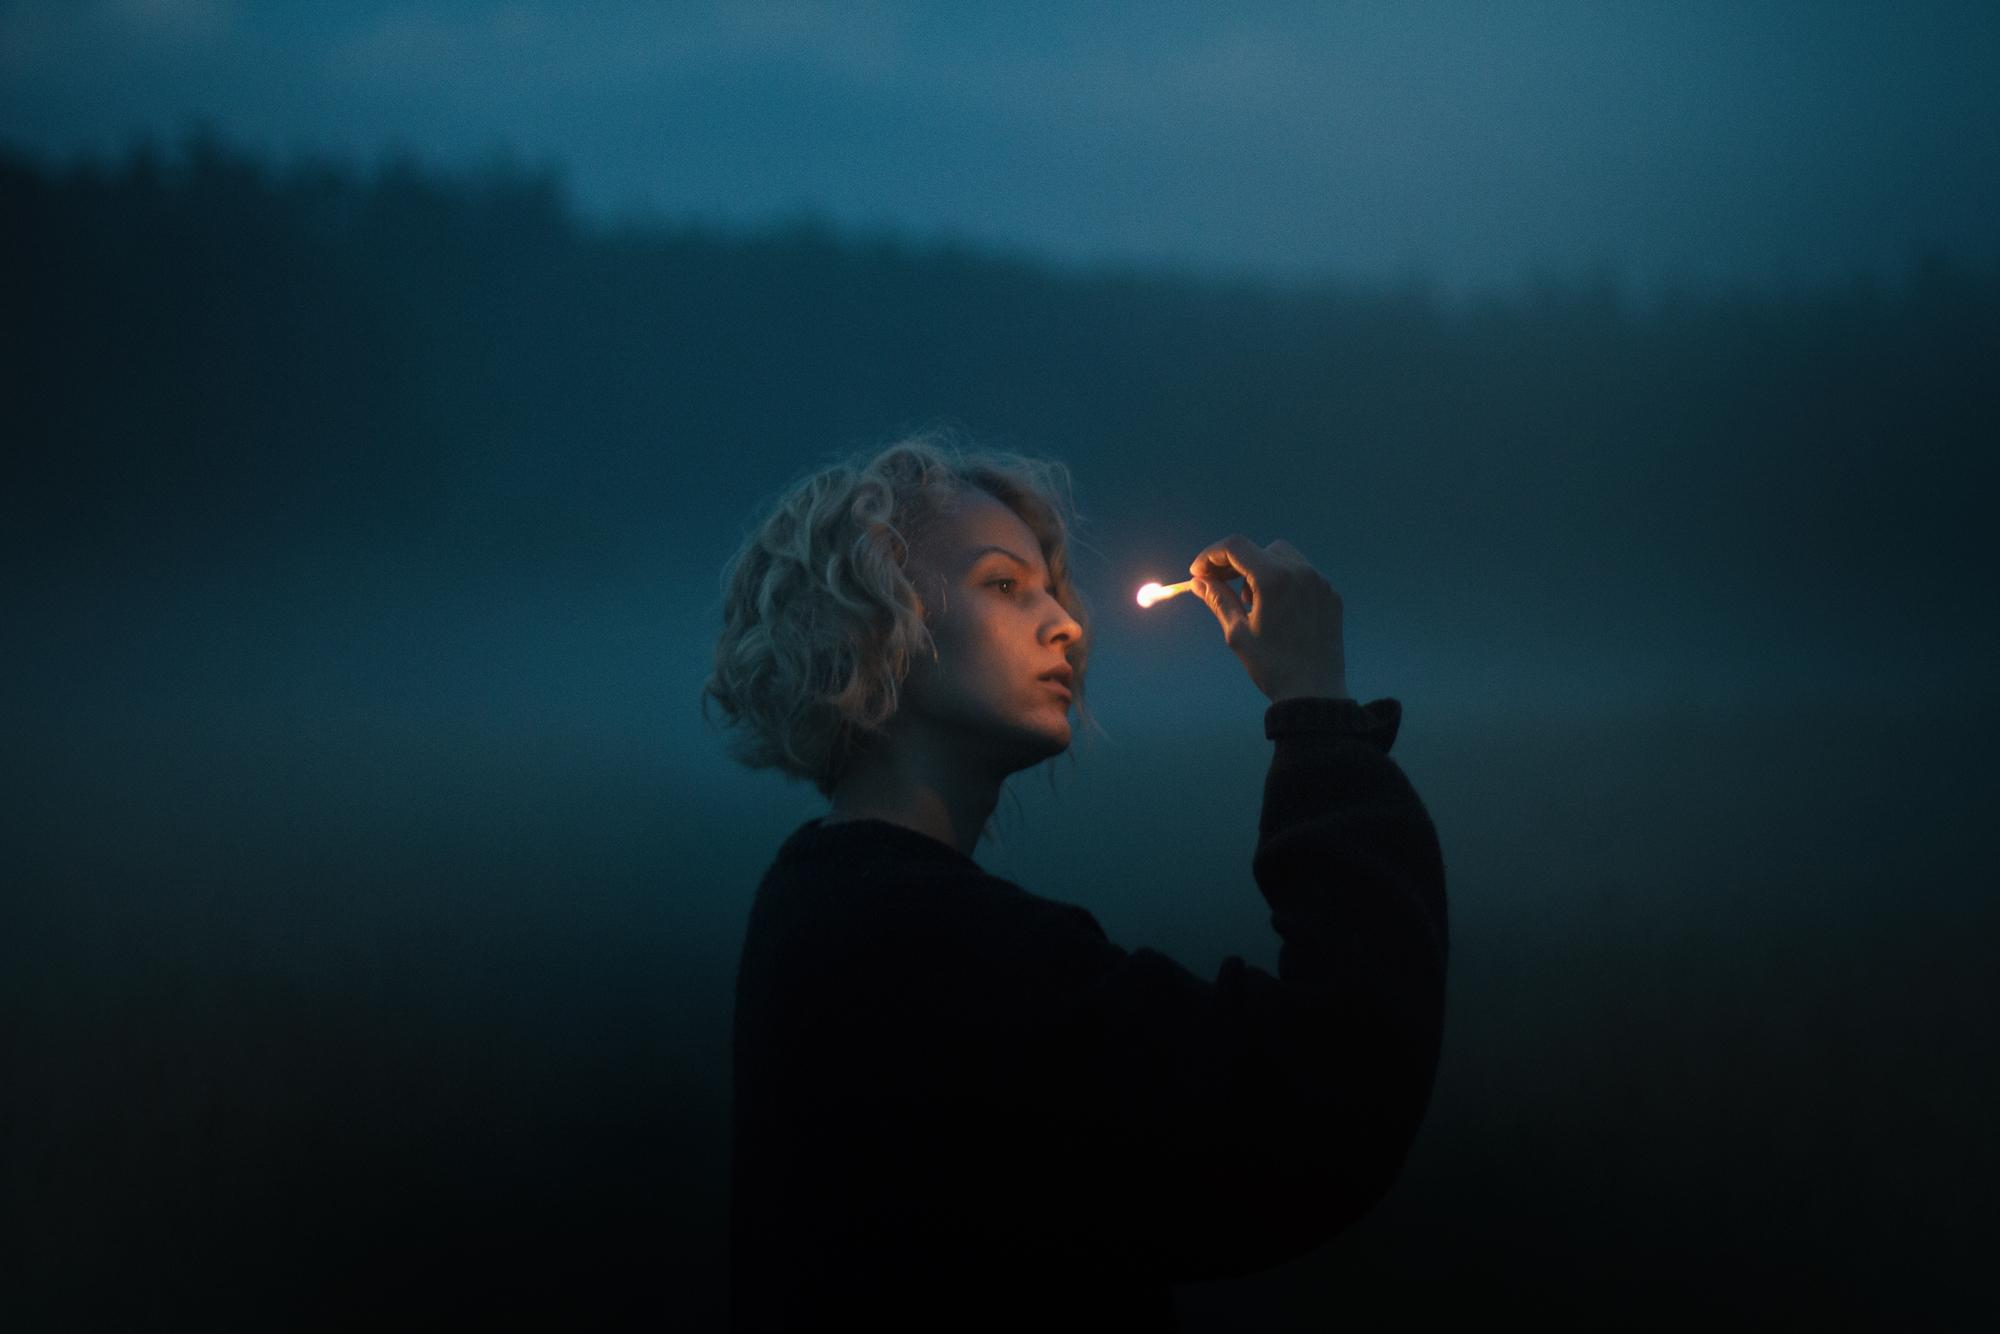 Na zdjeciu widzimy laske z lasem w tle wszystko jest bardzo zamglone na pierwszym planie bokiem stoi mloda dziewczyna ubrana na czarno blondynka w reku trzyma zapalona zapalke, na ktora patrzy